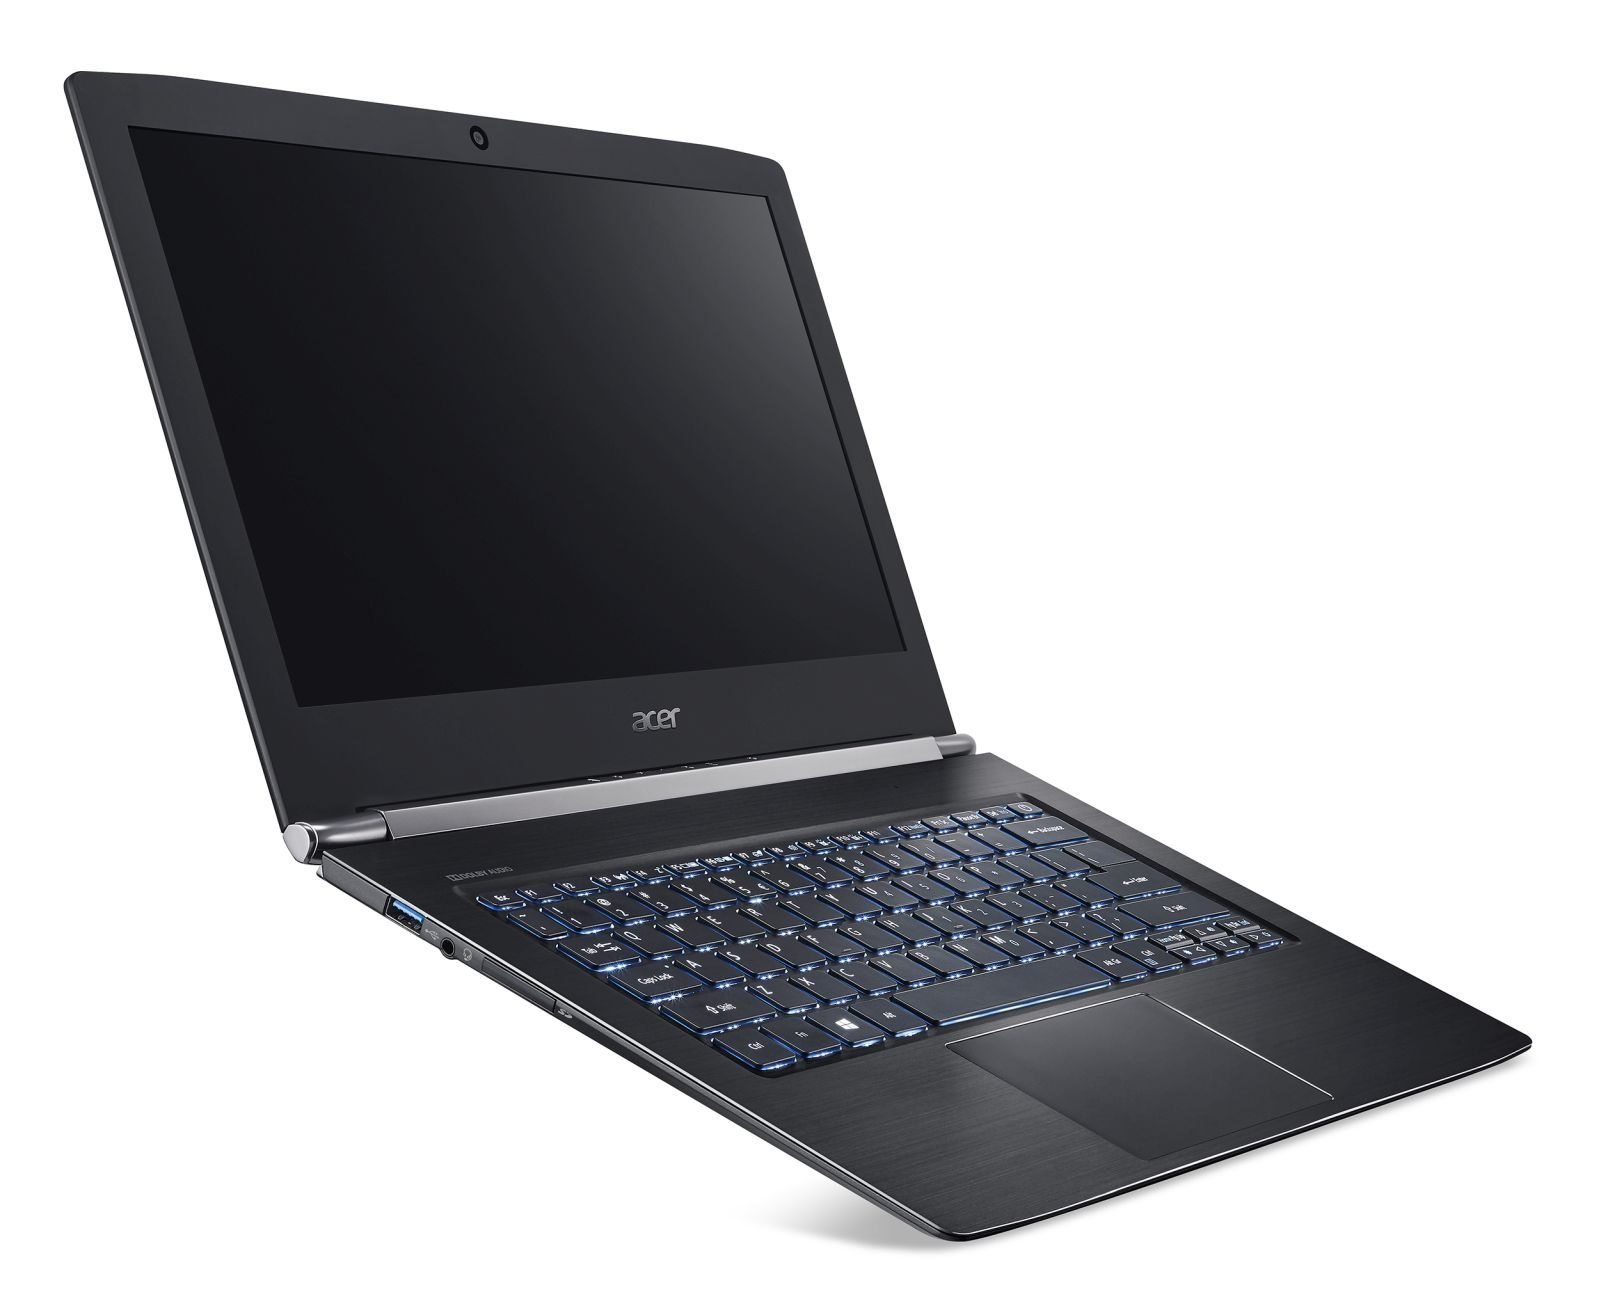 Acer Aspire S13 open